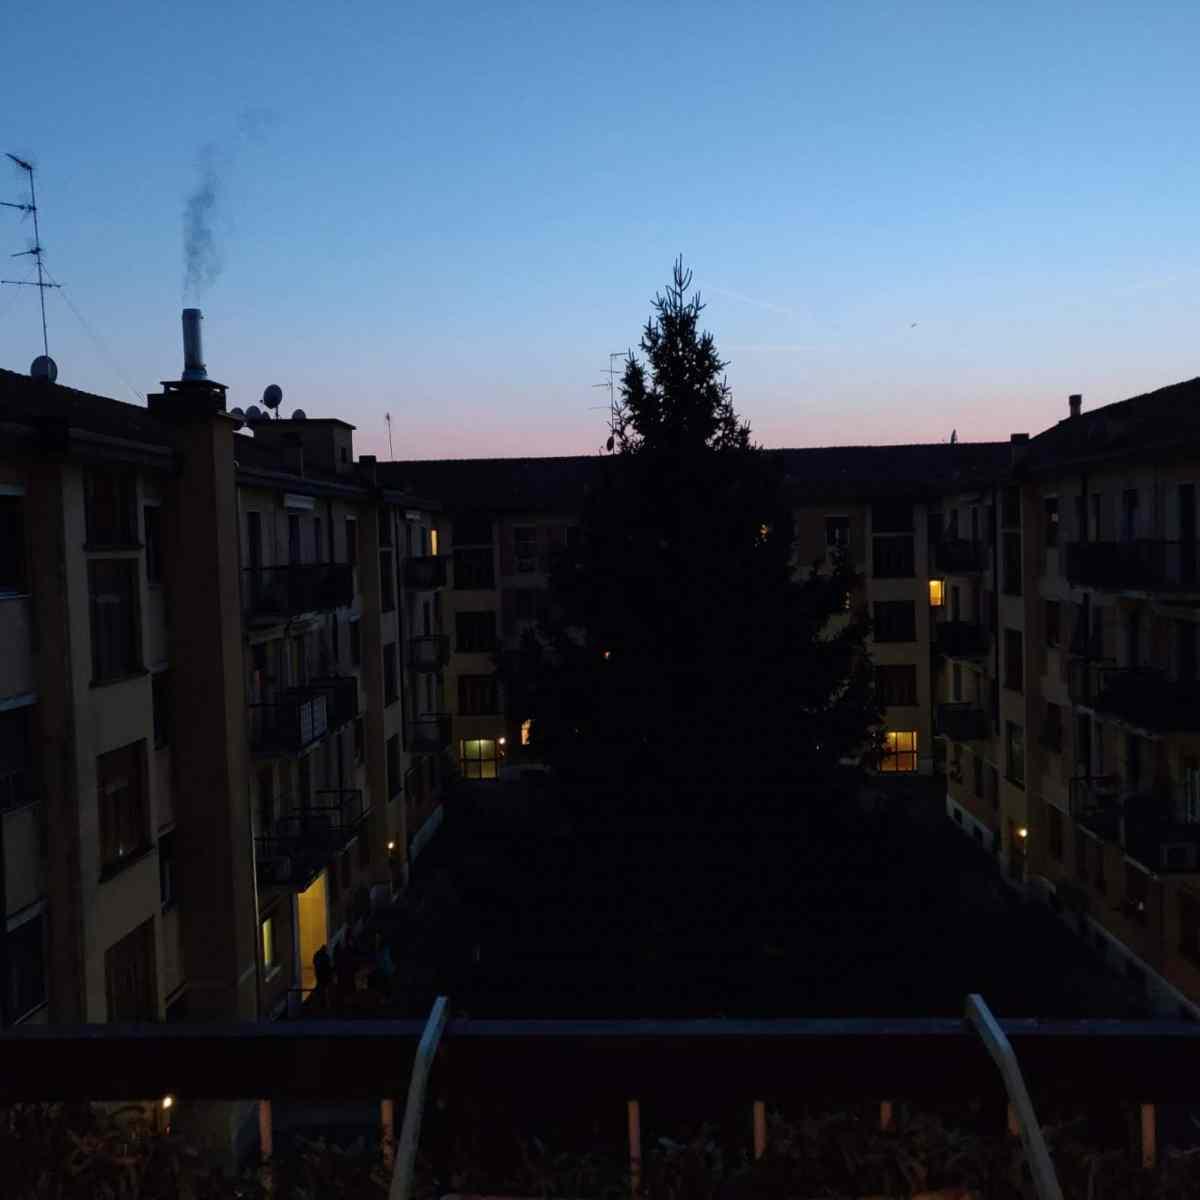 appartamento-in-vendita-milano-quinto-romano-via-novara-2-locali-bilocale-spaziourbano-immobiliare-vende-10